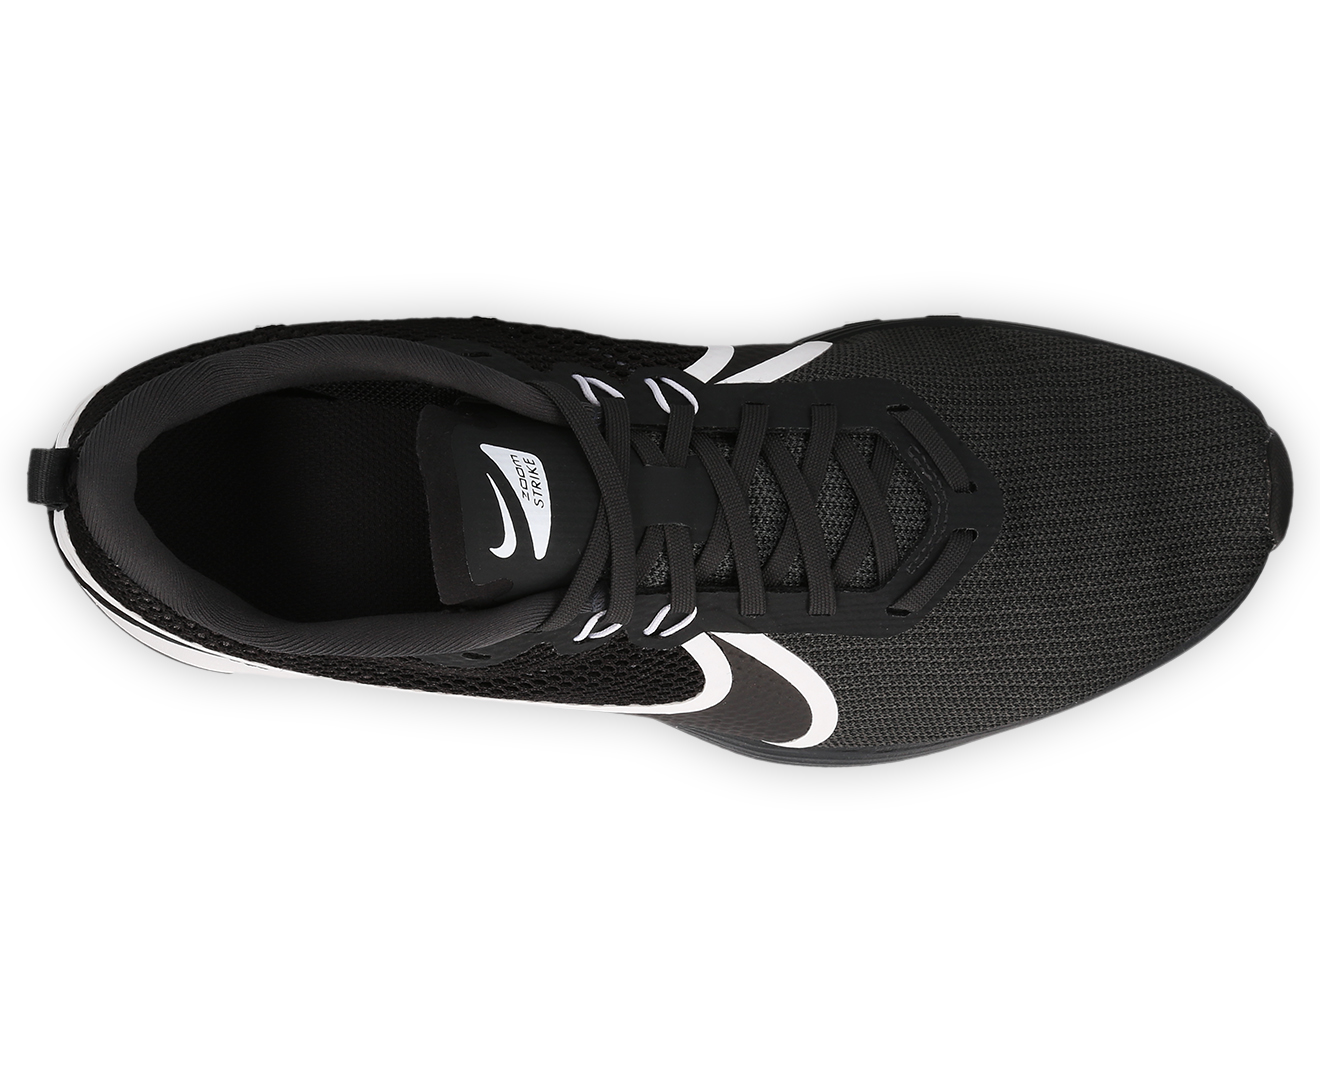 ac5267e43d57e Nike Men s Zoom Strike 2 Running Shoe - Anthracite Black-White ...